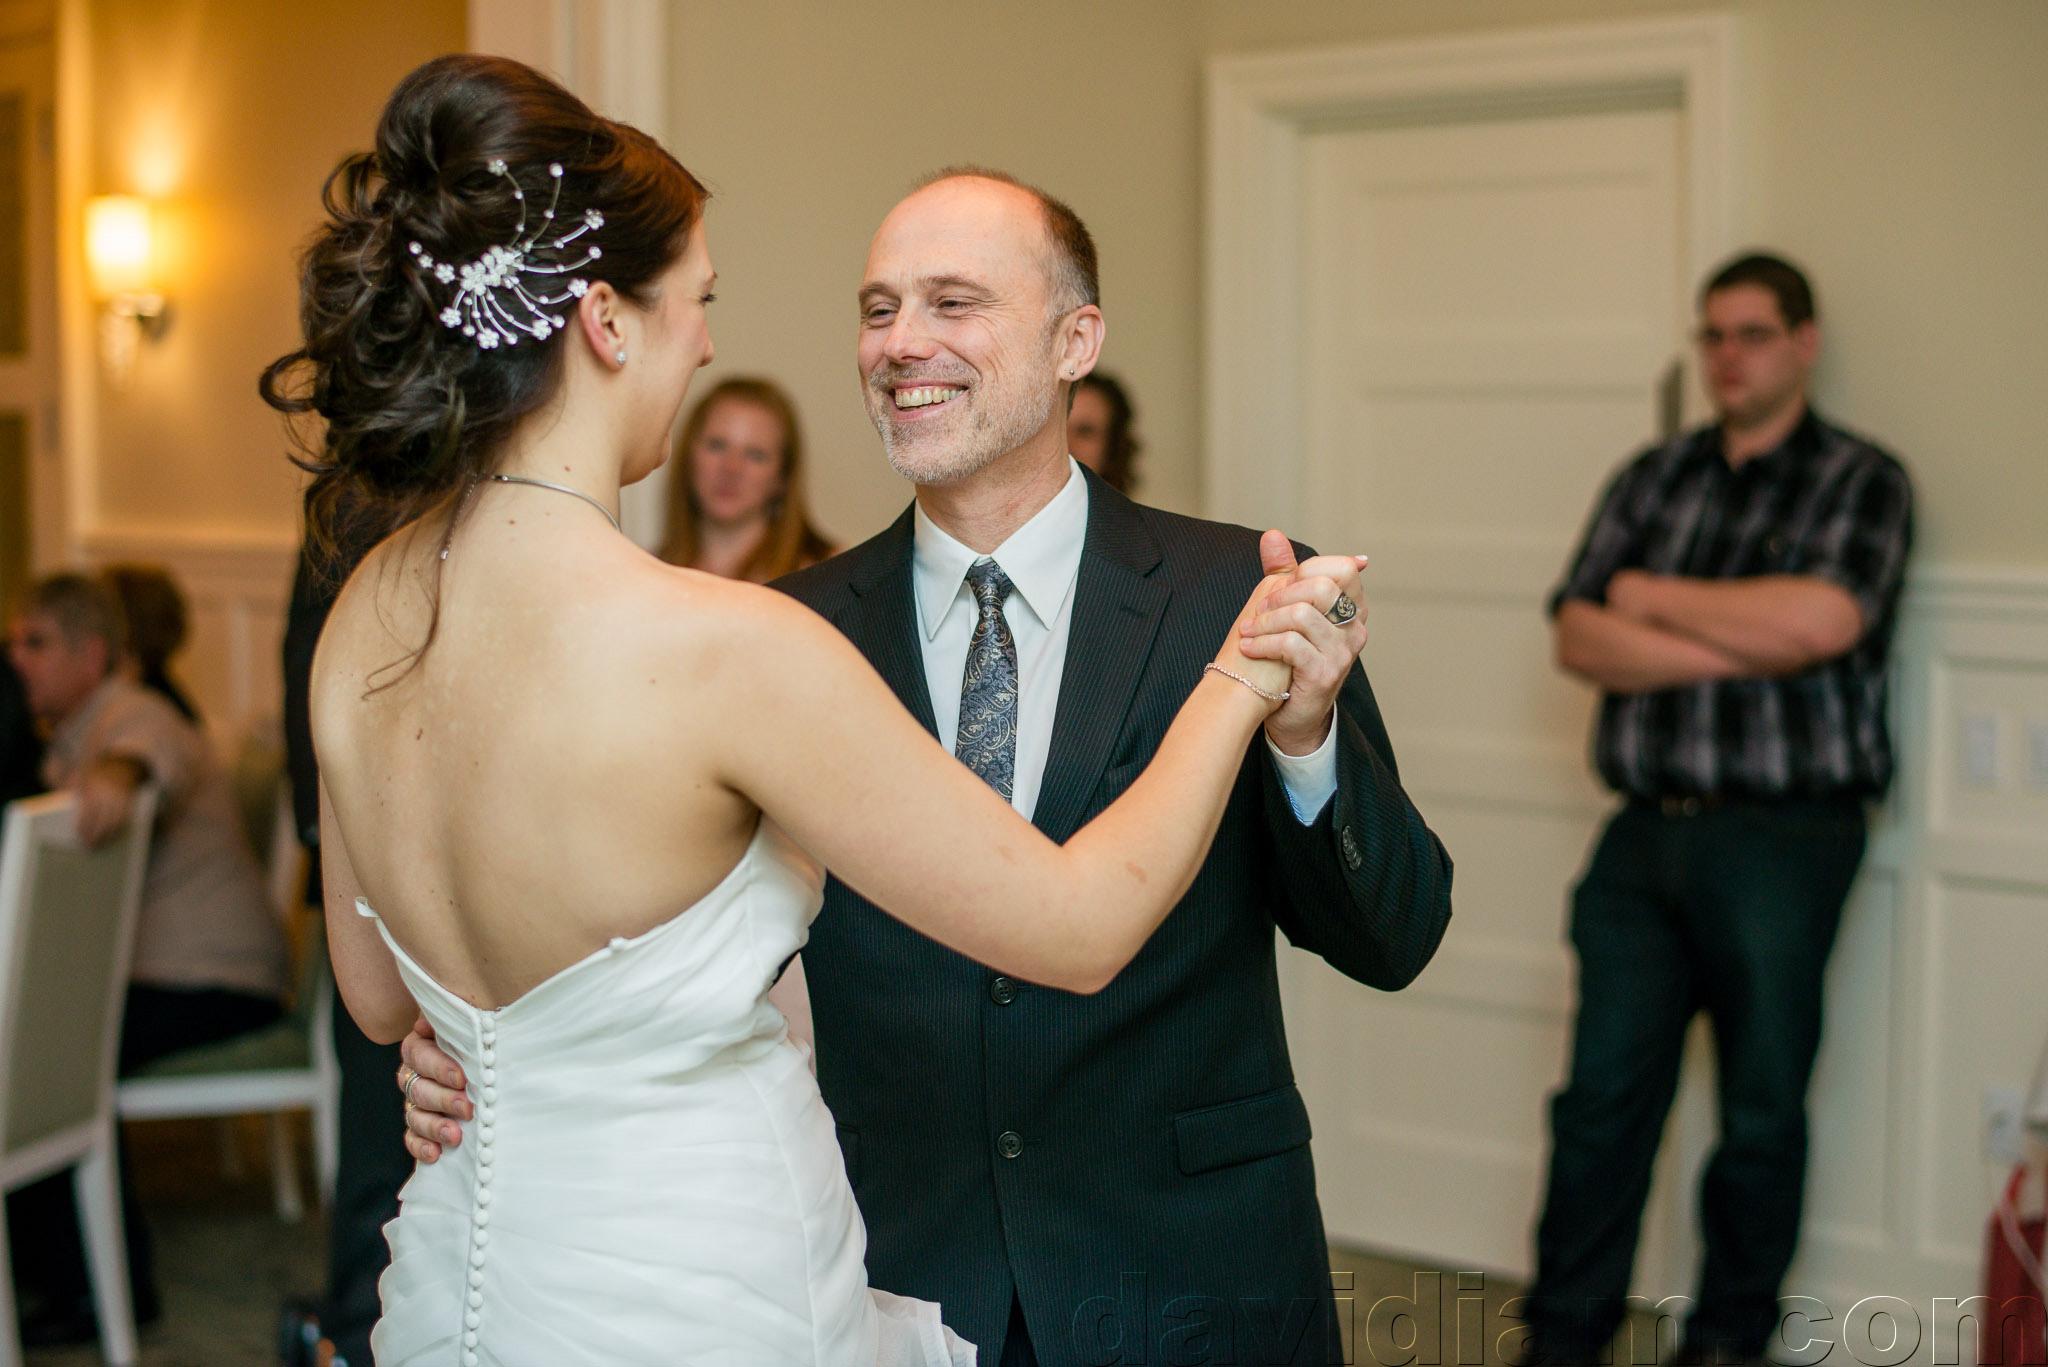 bruce-Hotel-Stratford-wedding-115.jpg